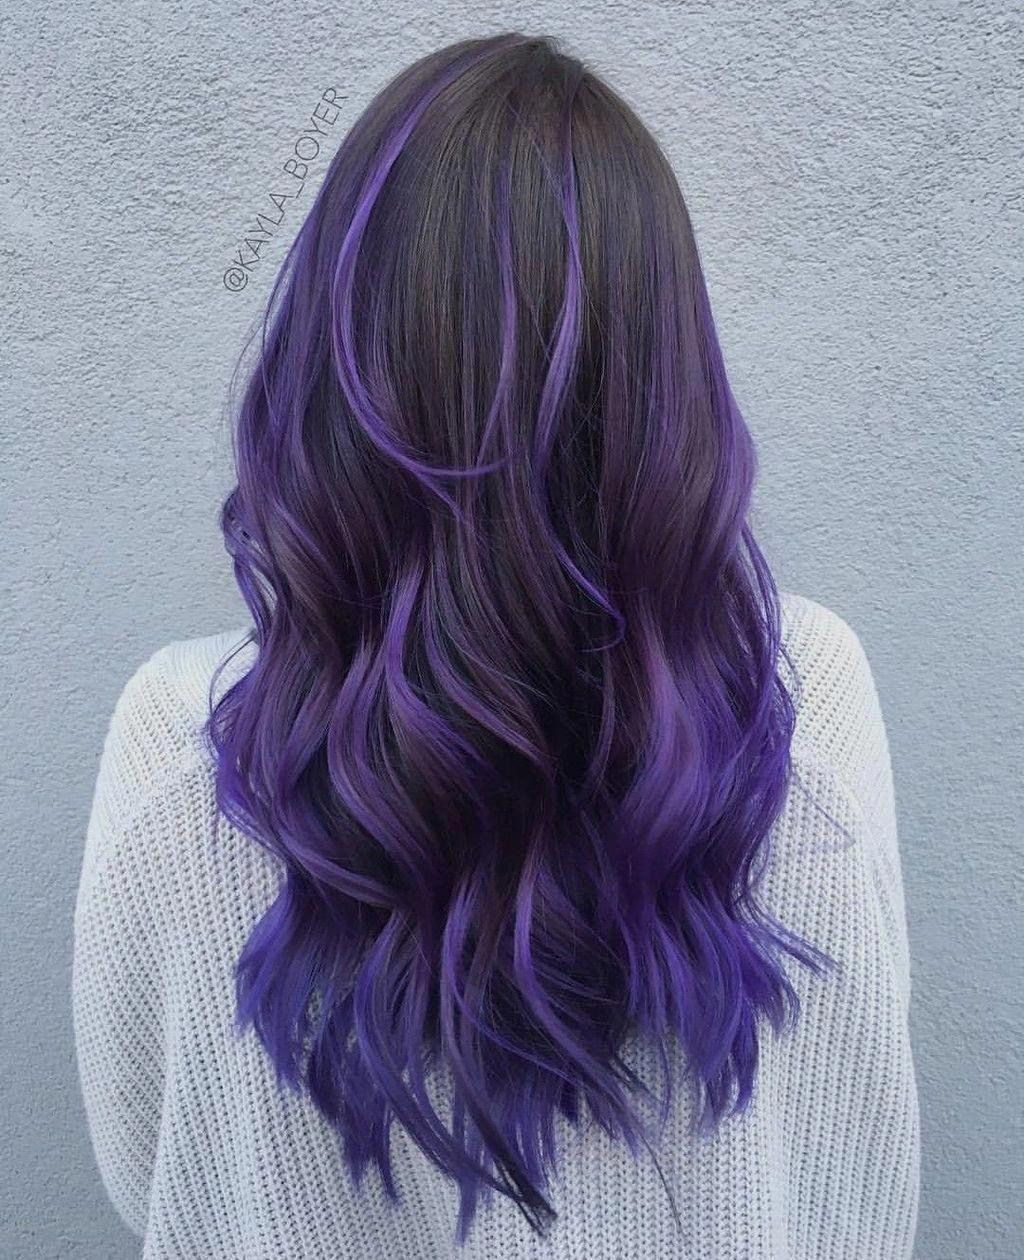 Ombrehaircolor Blueombrehair Hair Styles Purple Hair Highlights Black Hair Dye